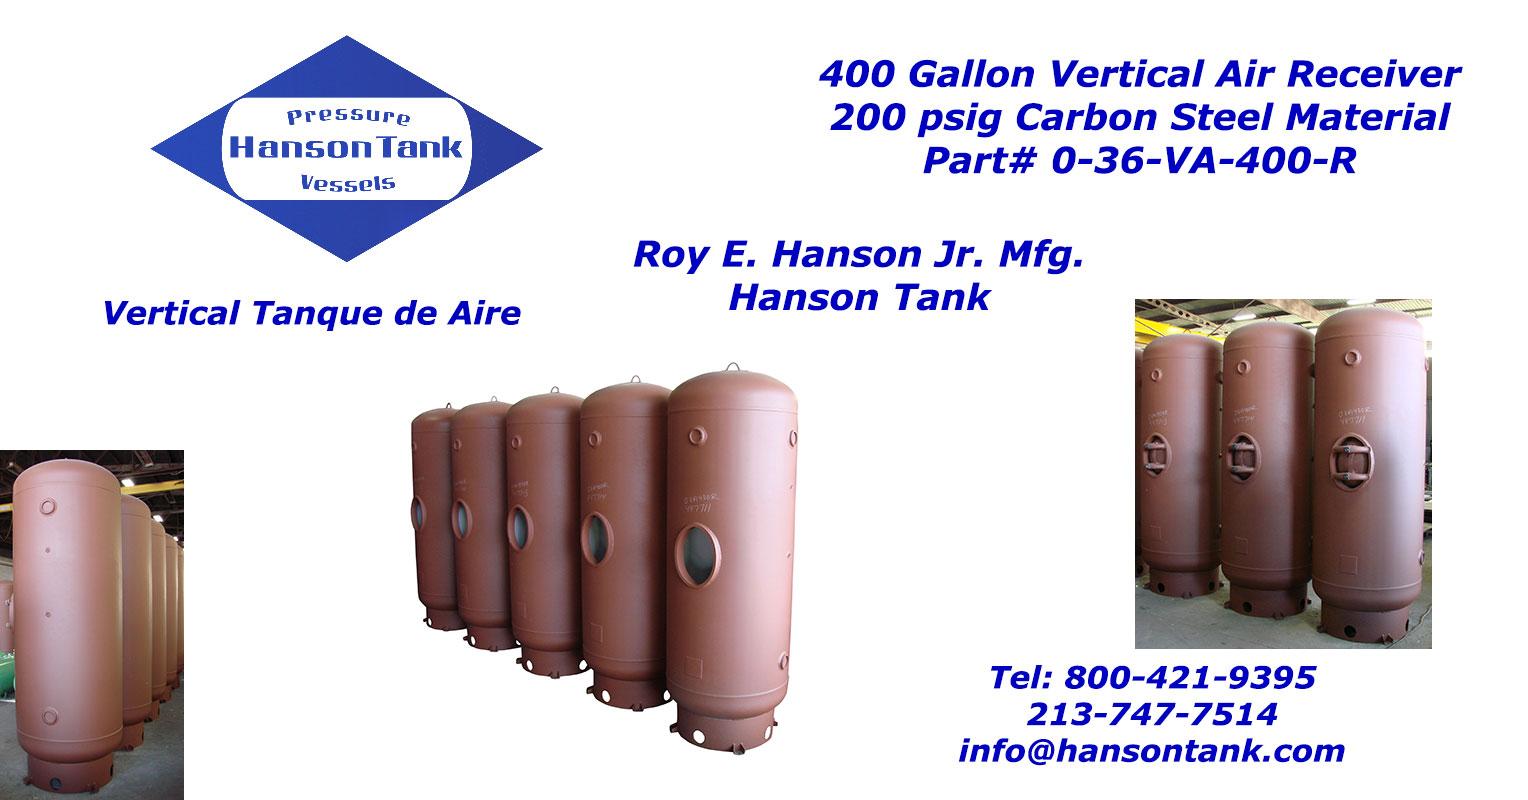 0-36-VA-400-R